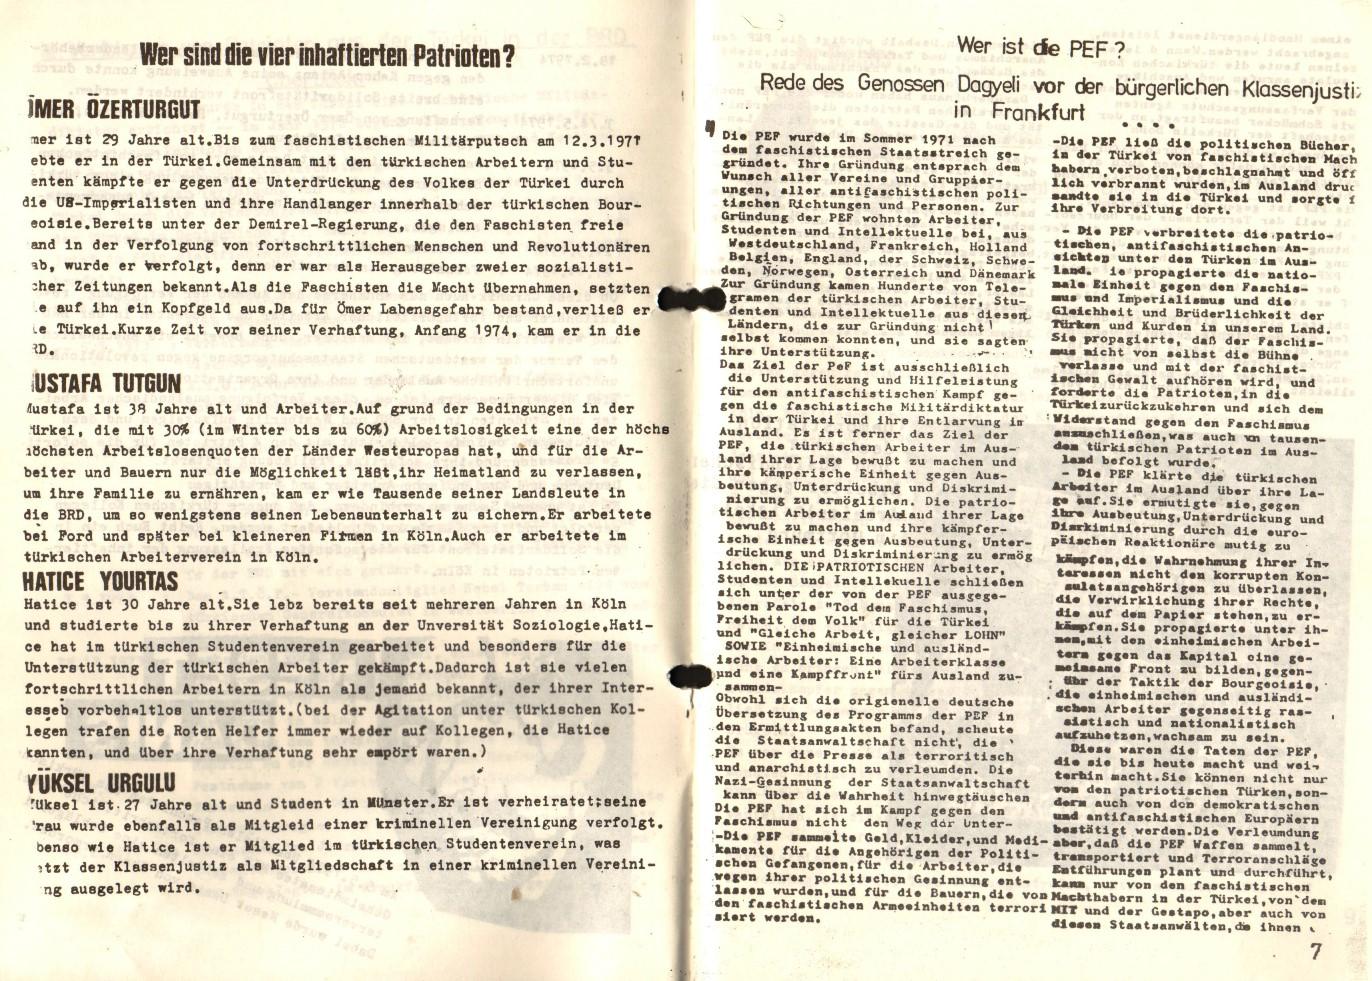 NRW_Rote_Hilfe_1975_Sofortige_Freilassung_der_tuerkischen_Patrioten_05